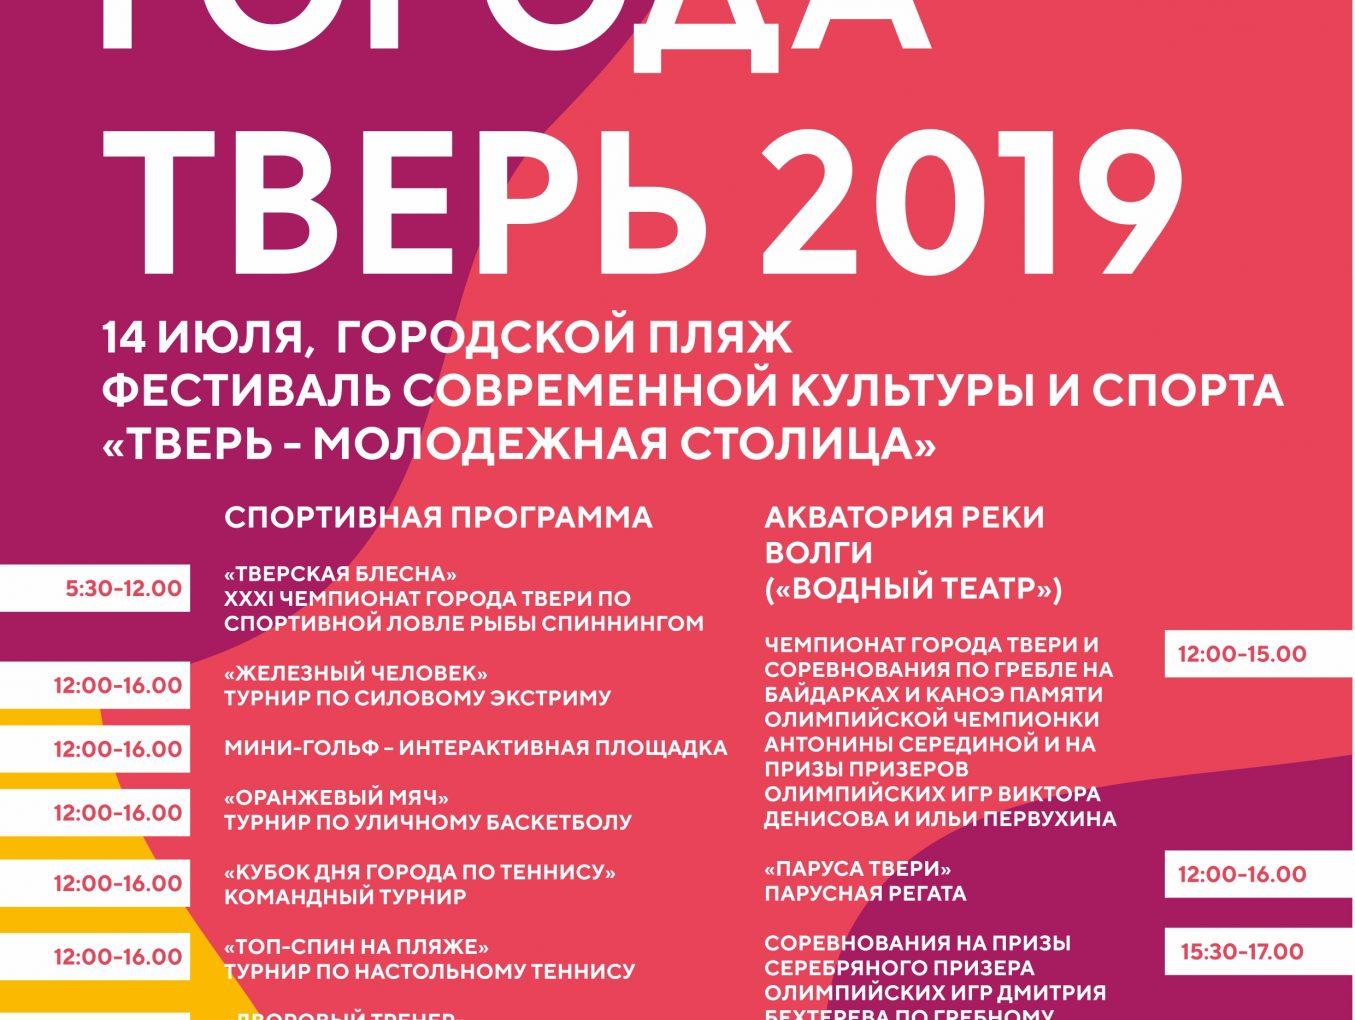 СПОРТИВНАЯ ПРОГРАММА ДНЯ ГОРОДА  ТВЕРЬ -2019